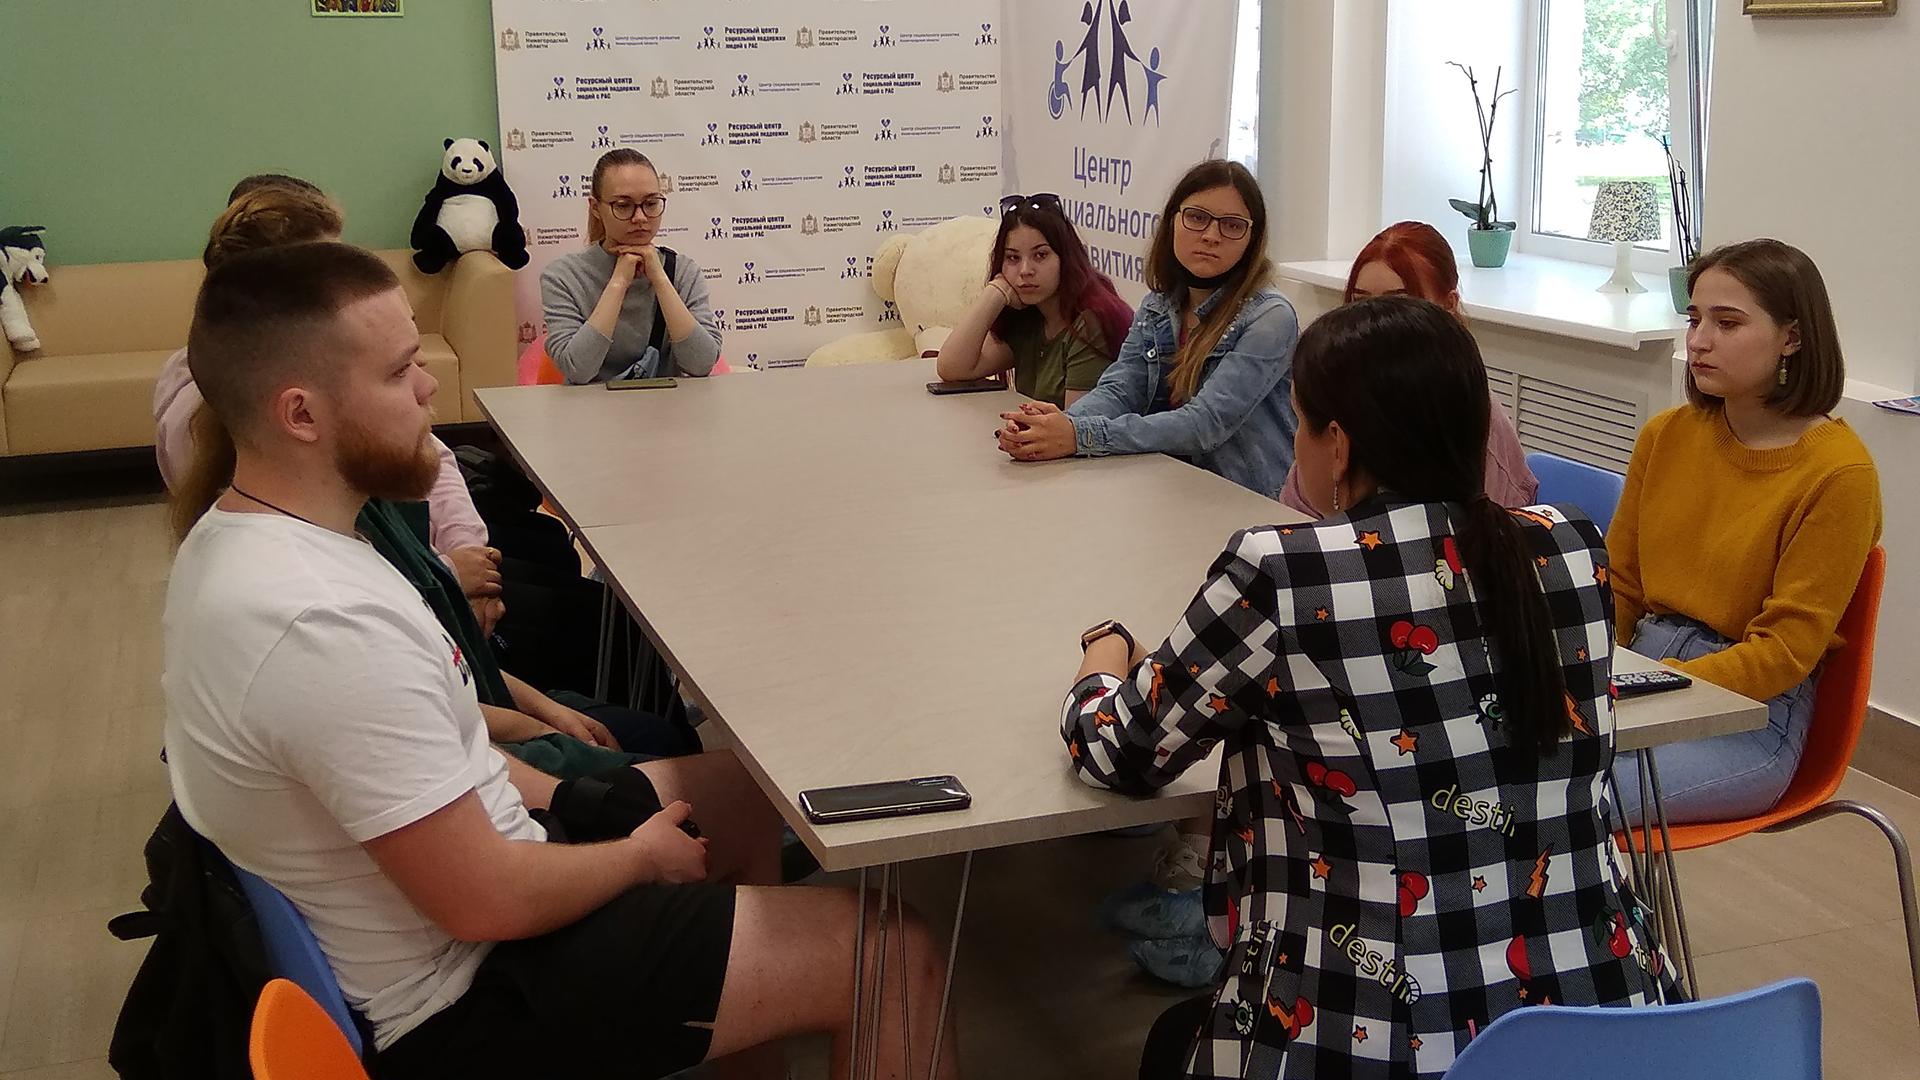 25 – 28 мая прошла серия встреч и мастер-классов для студентов-дефектологов в Ресурсном центре социальной поддержки людей с расстройствами аутистического спектра